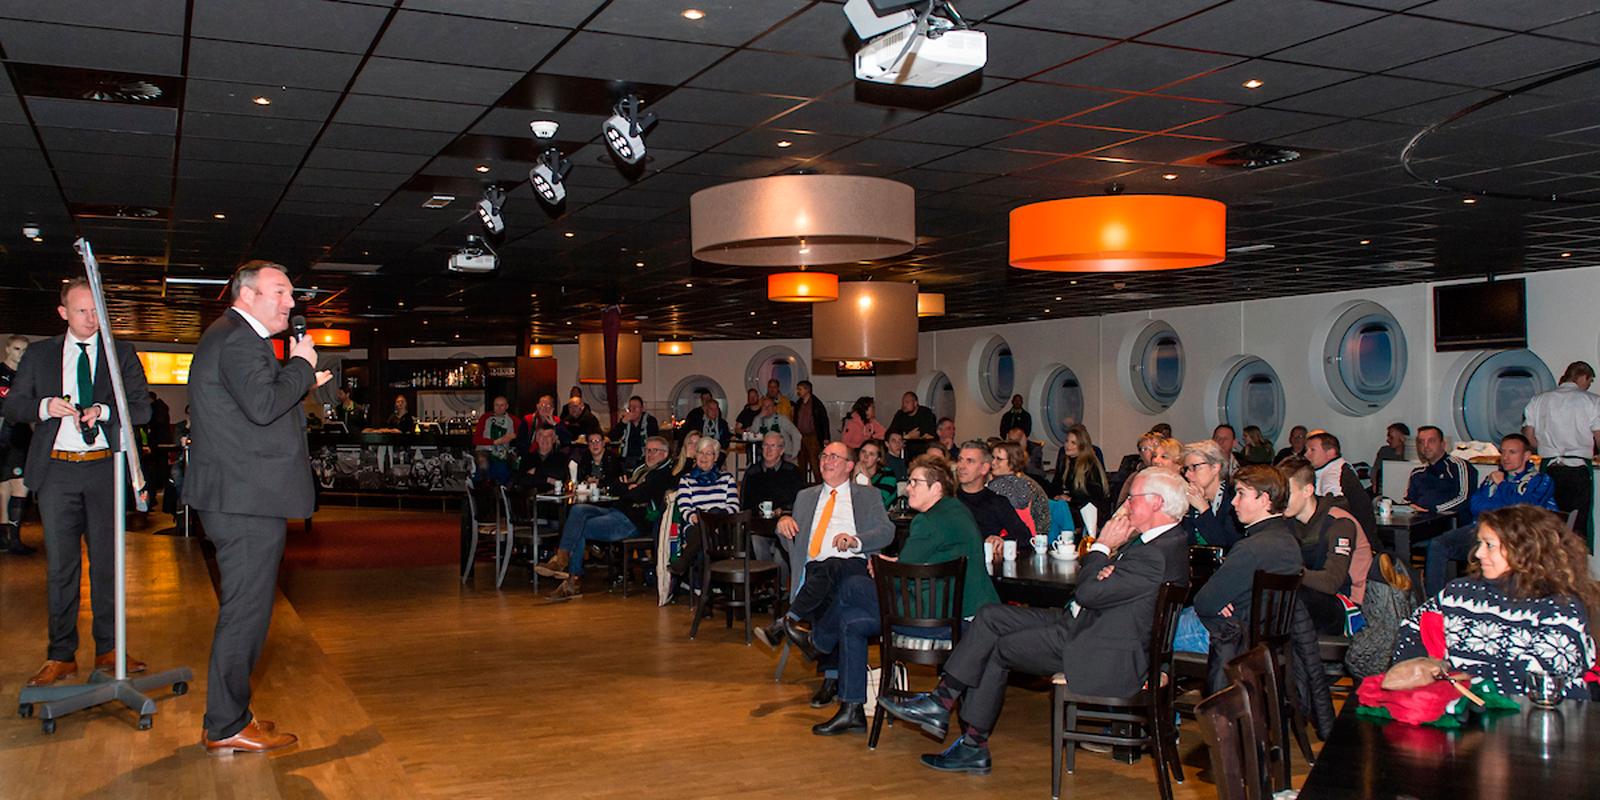 Zaal met mensen tijdens toespraak bij FC Groningen